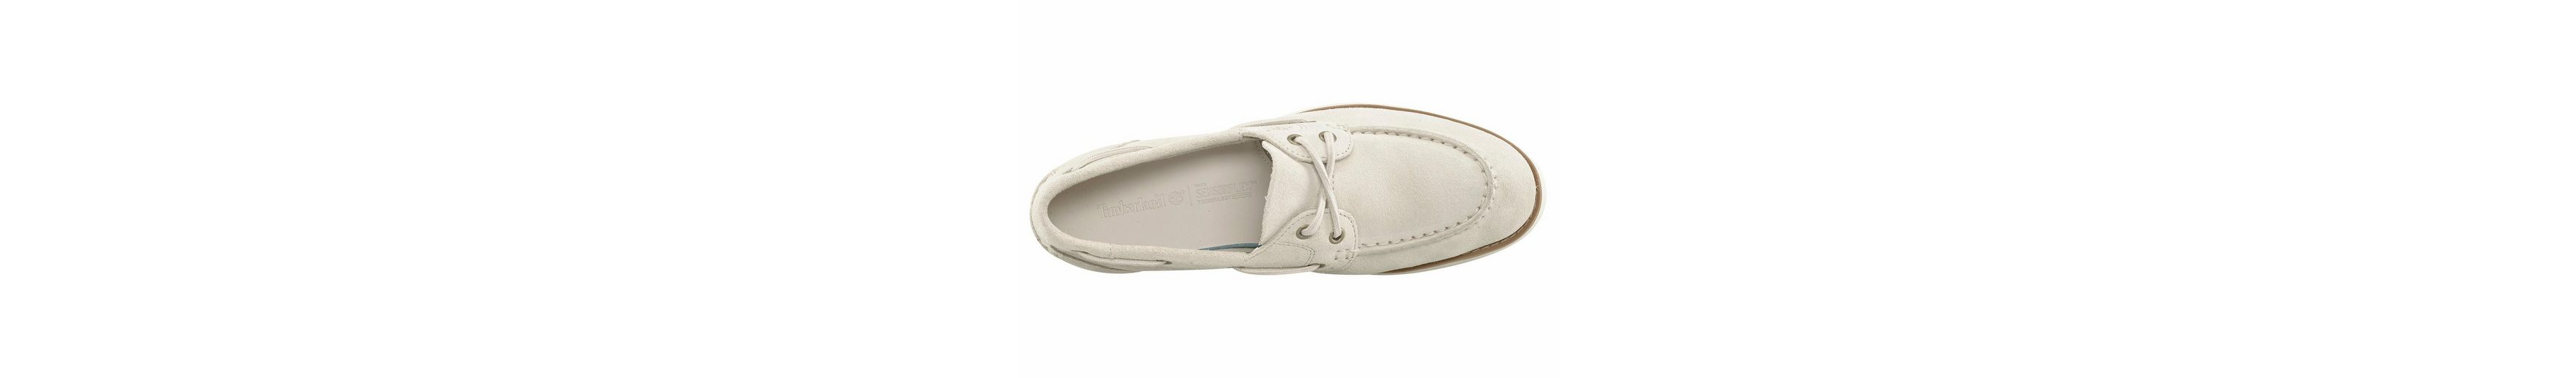 Timberland Lakeville 2-Eye Boat Shoe Bootsschuh Günstige Online Qualität Aus Deutschland Billig Billig Günstig Online Nw6x8